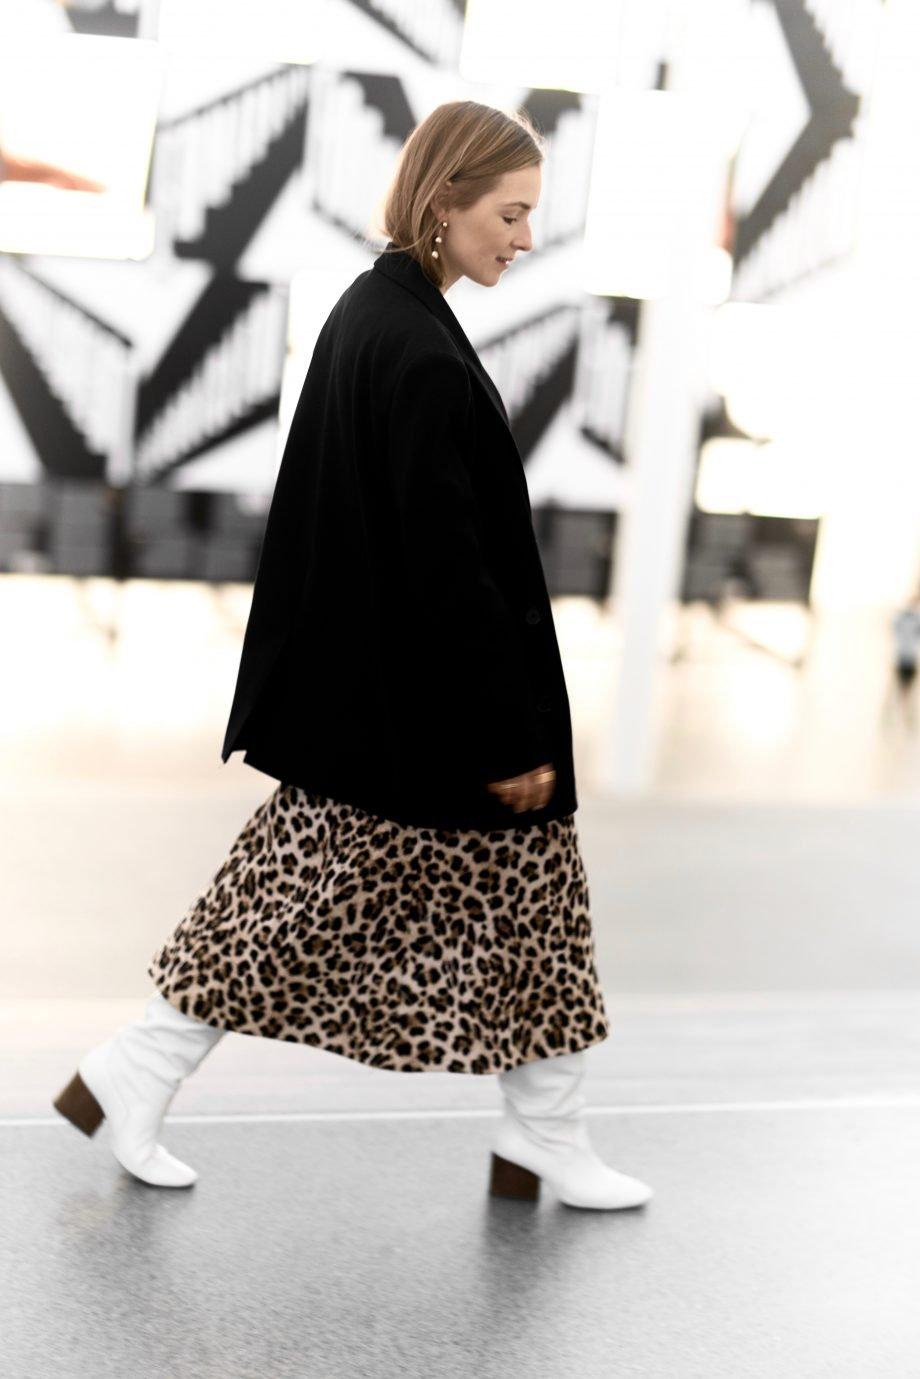 The Animal Print Skirt |31.01.2019